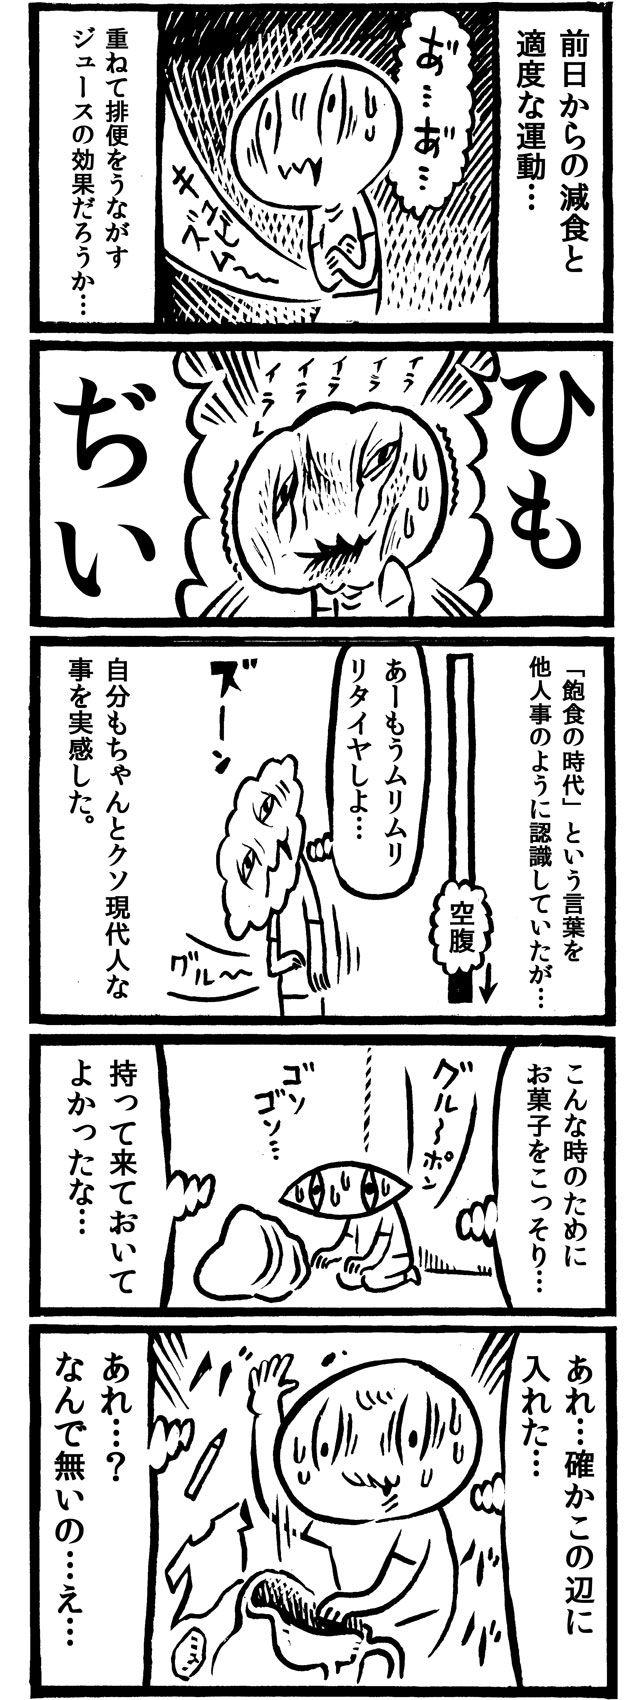 danziki 9